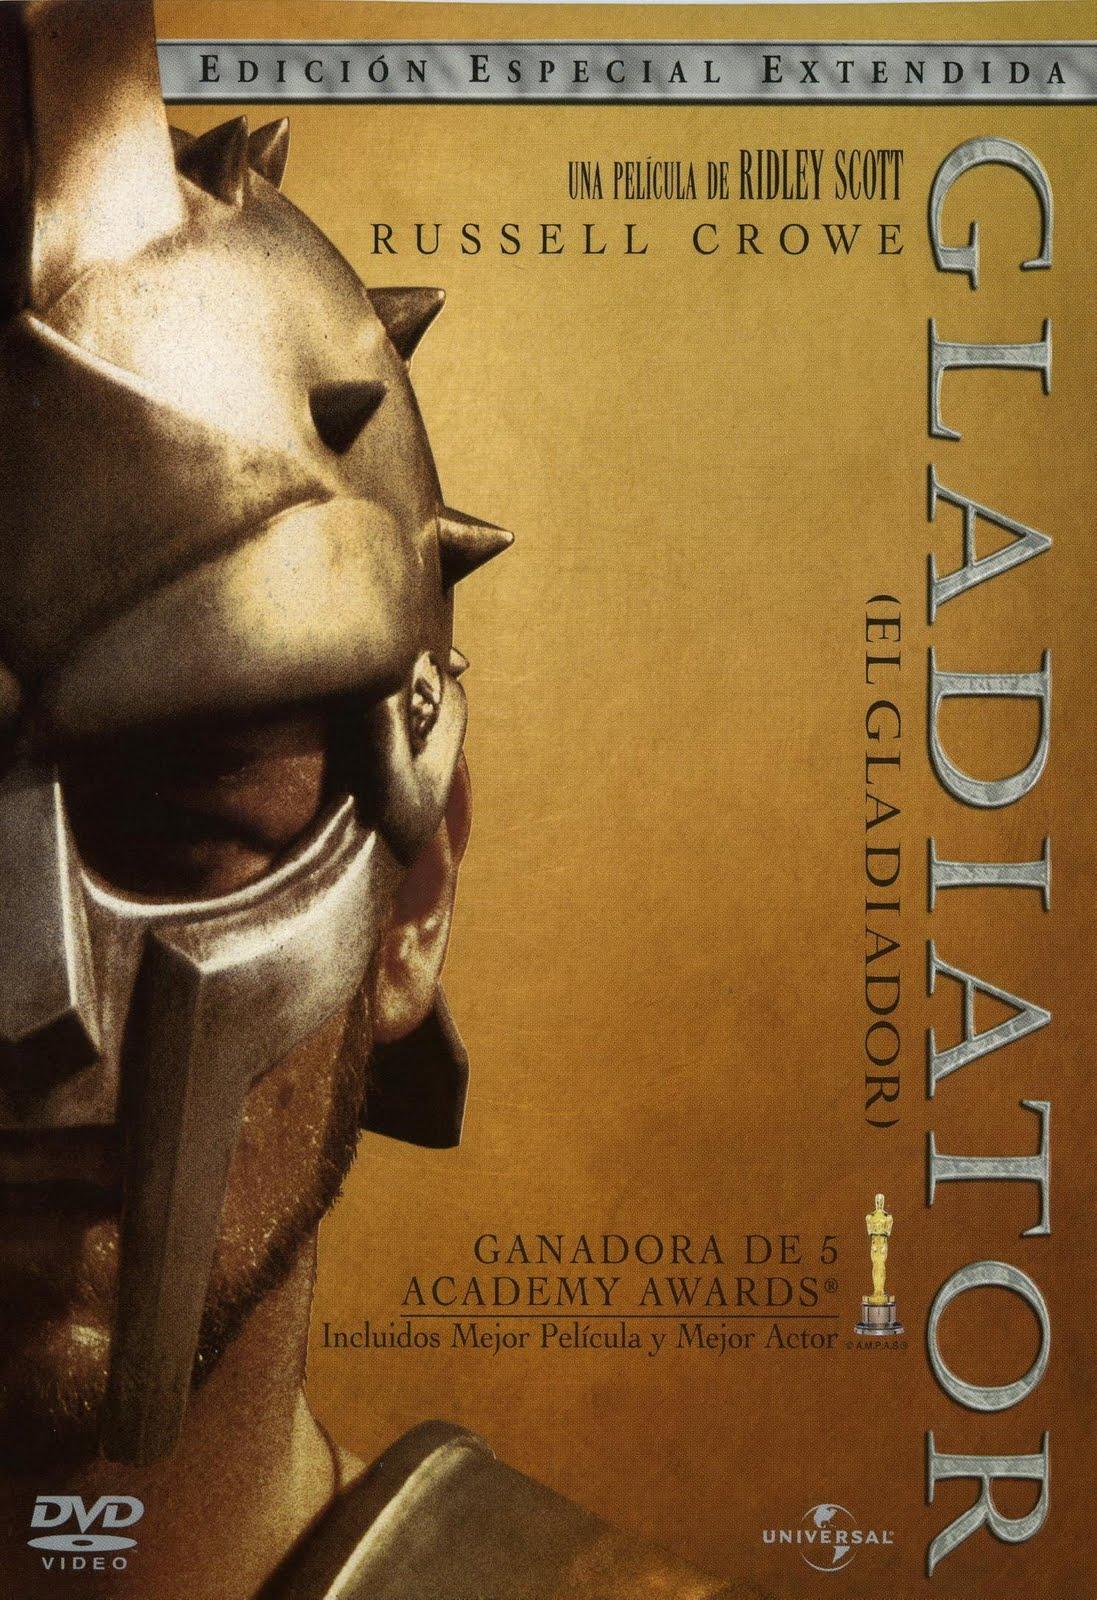 http://3.bp.blogspot.com/-Gb2-yV7cldI/Tg71nASyuwI/AAAAAAAAAqY/9haP8JN-FWA/s1600/Gladiator+El+Gladiador+Version+Especial+Extendida+Por+Malevaje+-+dvd.jpg